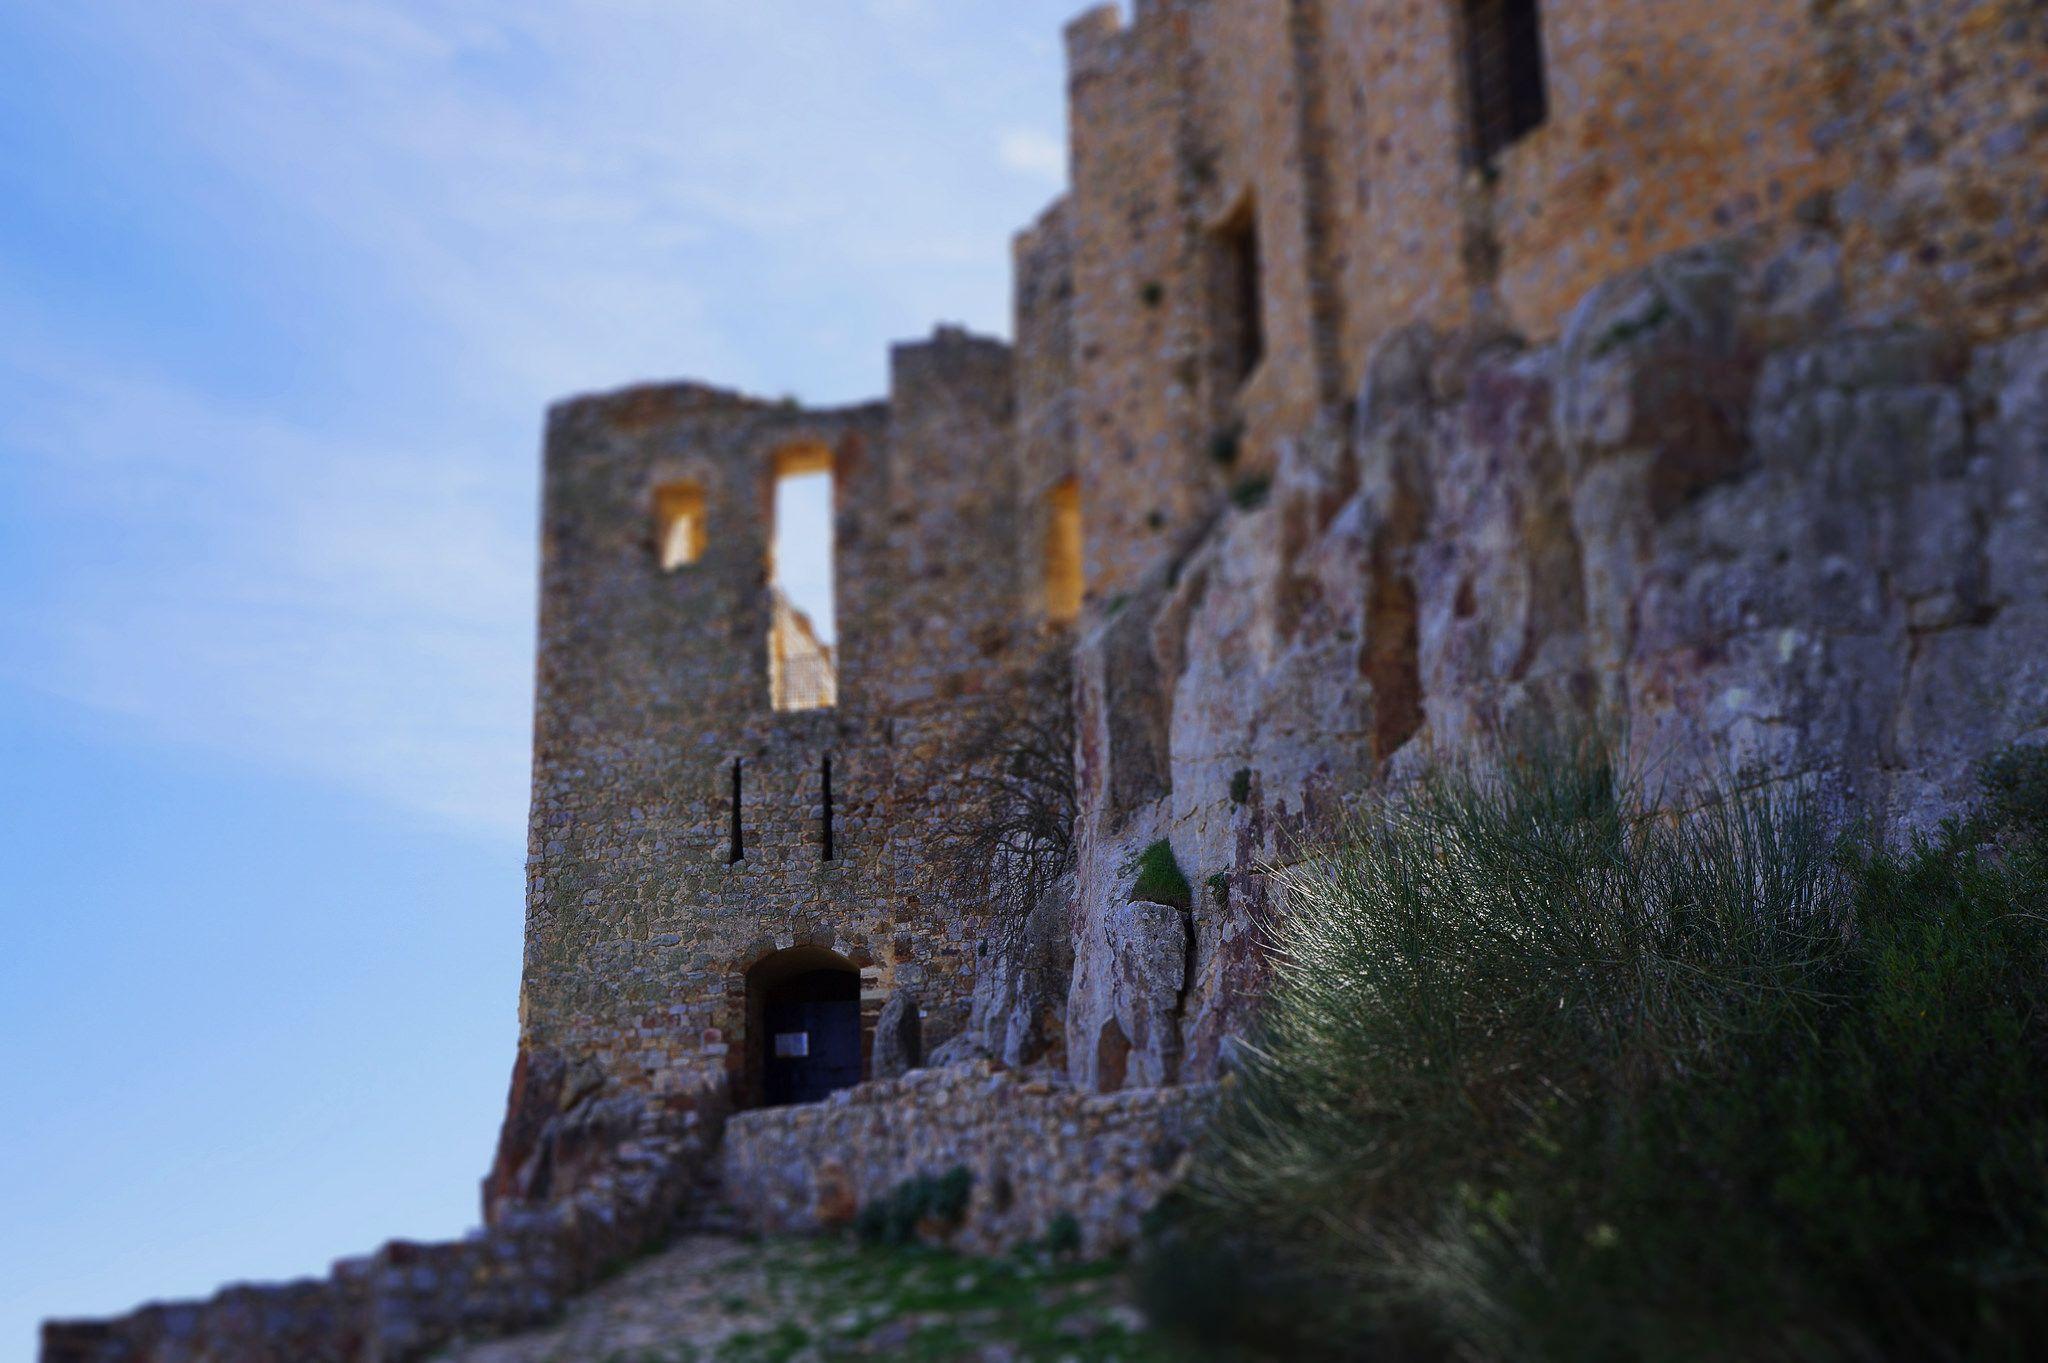 https://flic.kr/p/Fht6ui | Castillo-convento de Calatrava La Nueva | Aldea del Rey. Ciudad Real